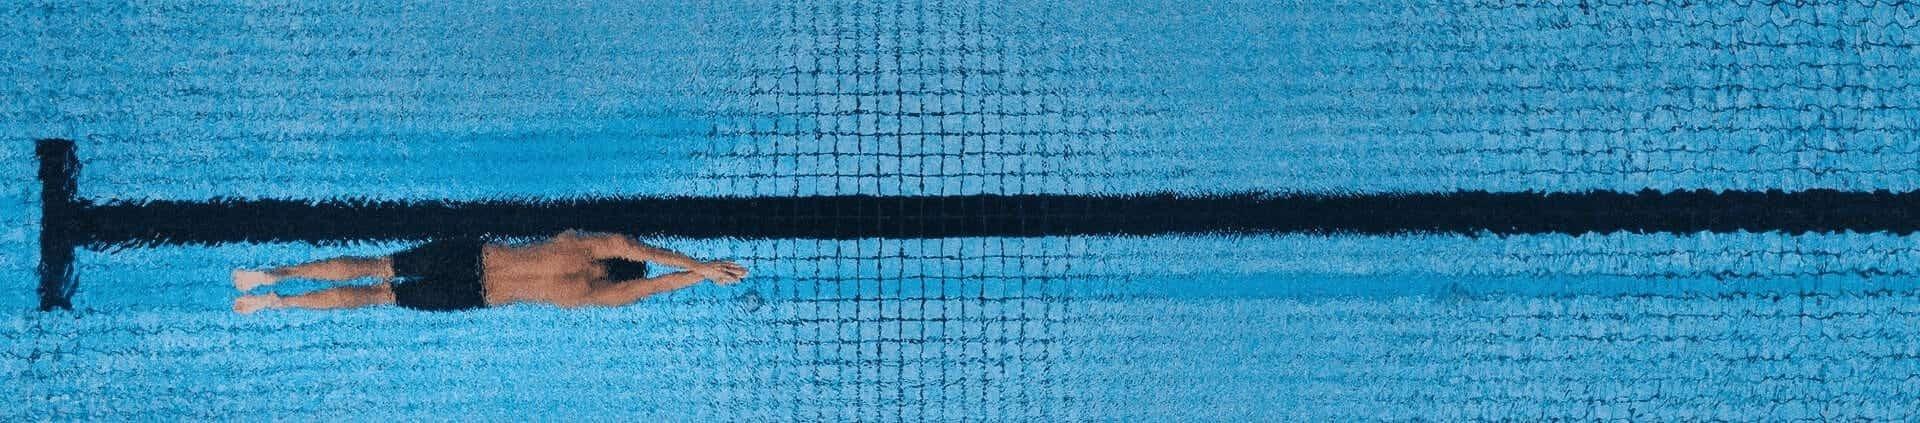 Pływanie i nauka pływania - Powerman Sport